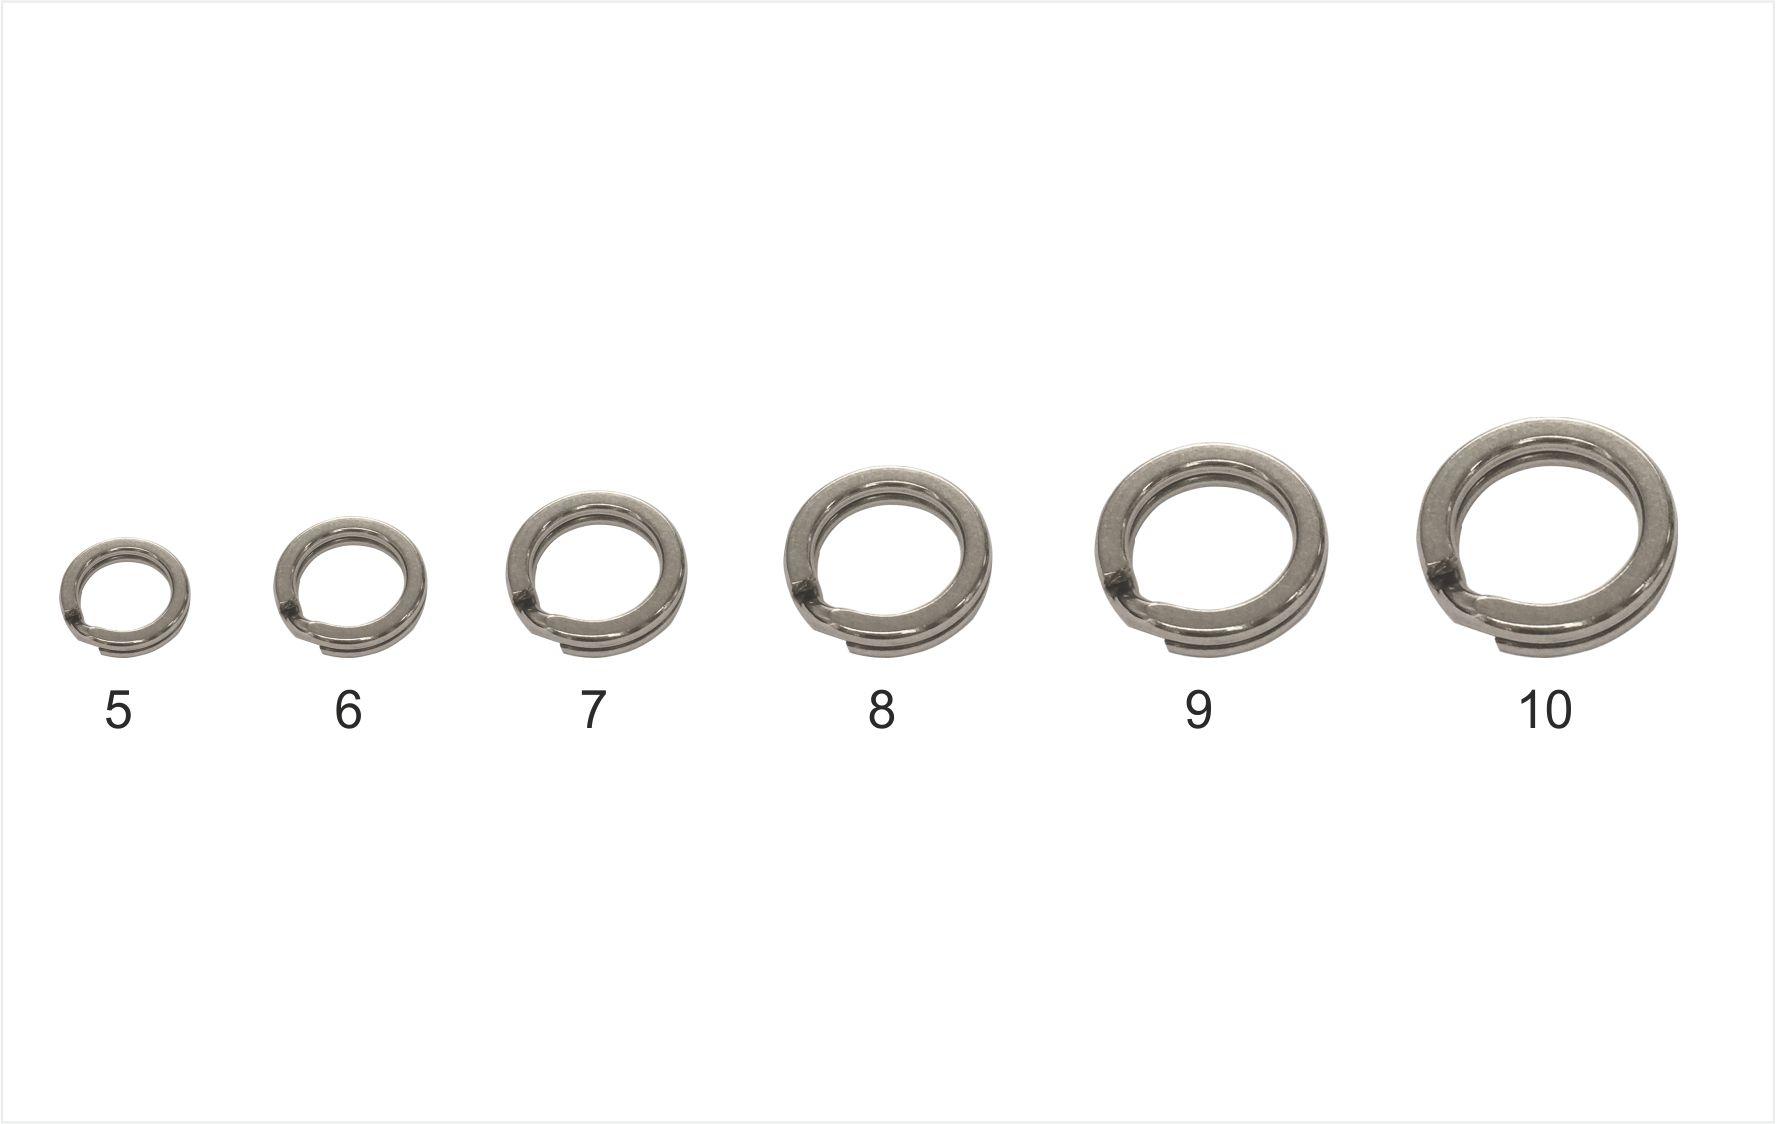 Mistrall pevnostní kroužek Split ring, vel. 10, 90 kg, 10ks/bal